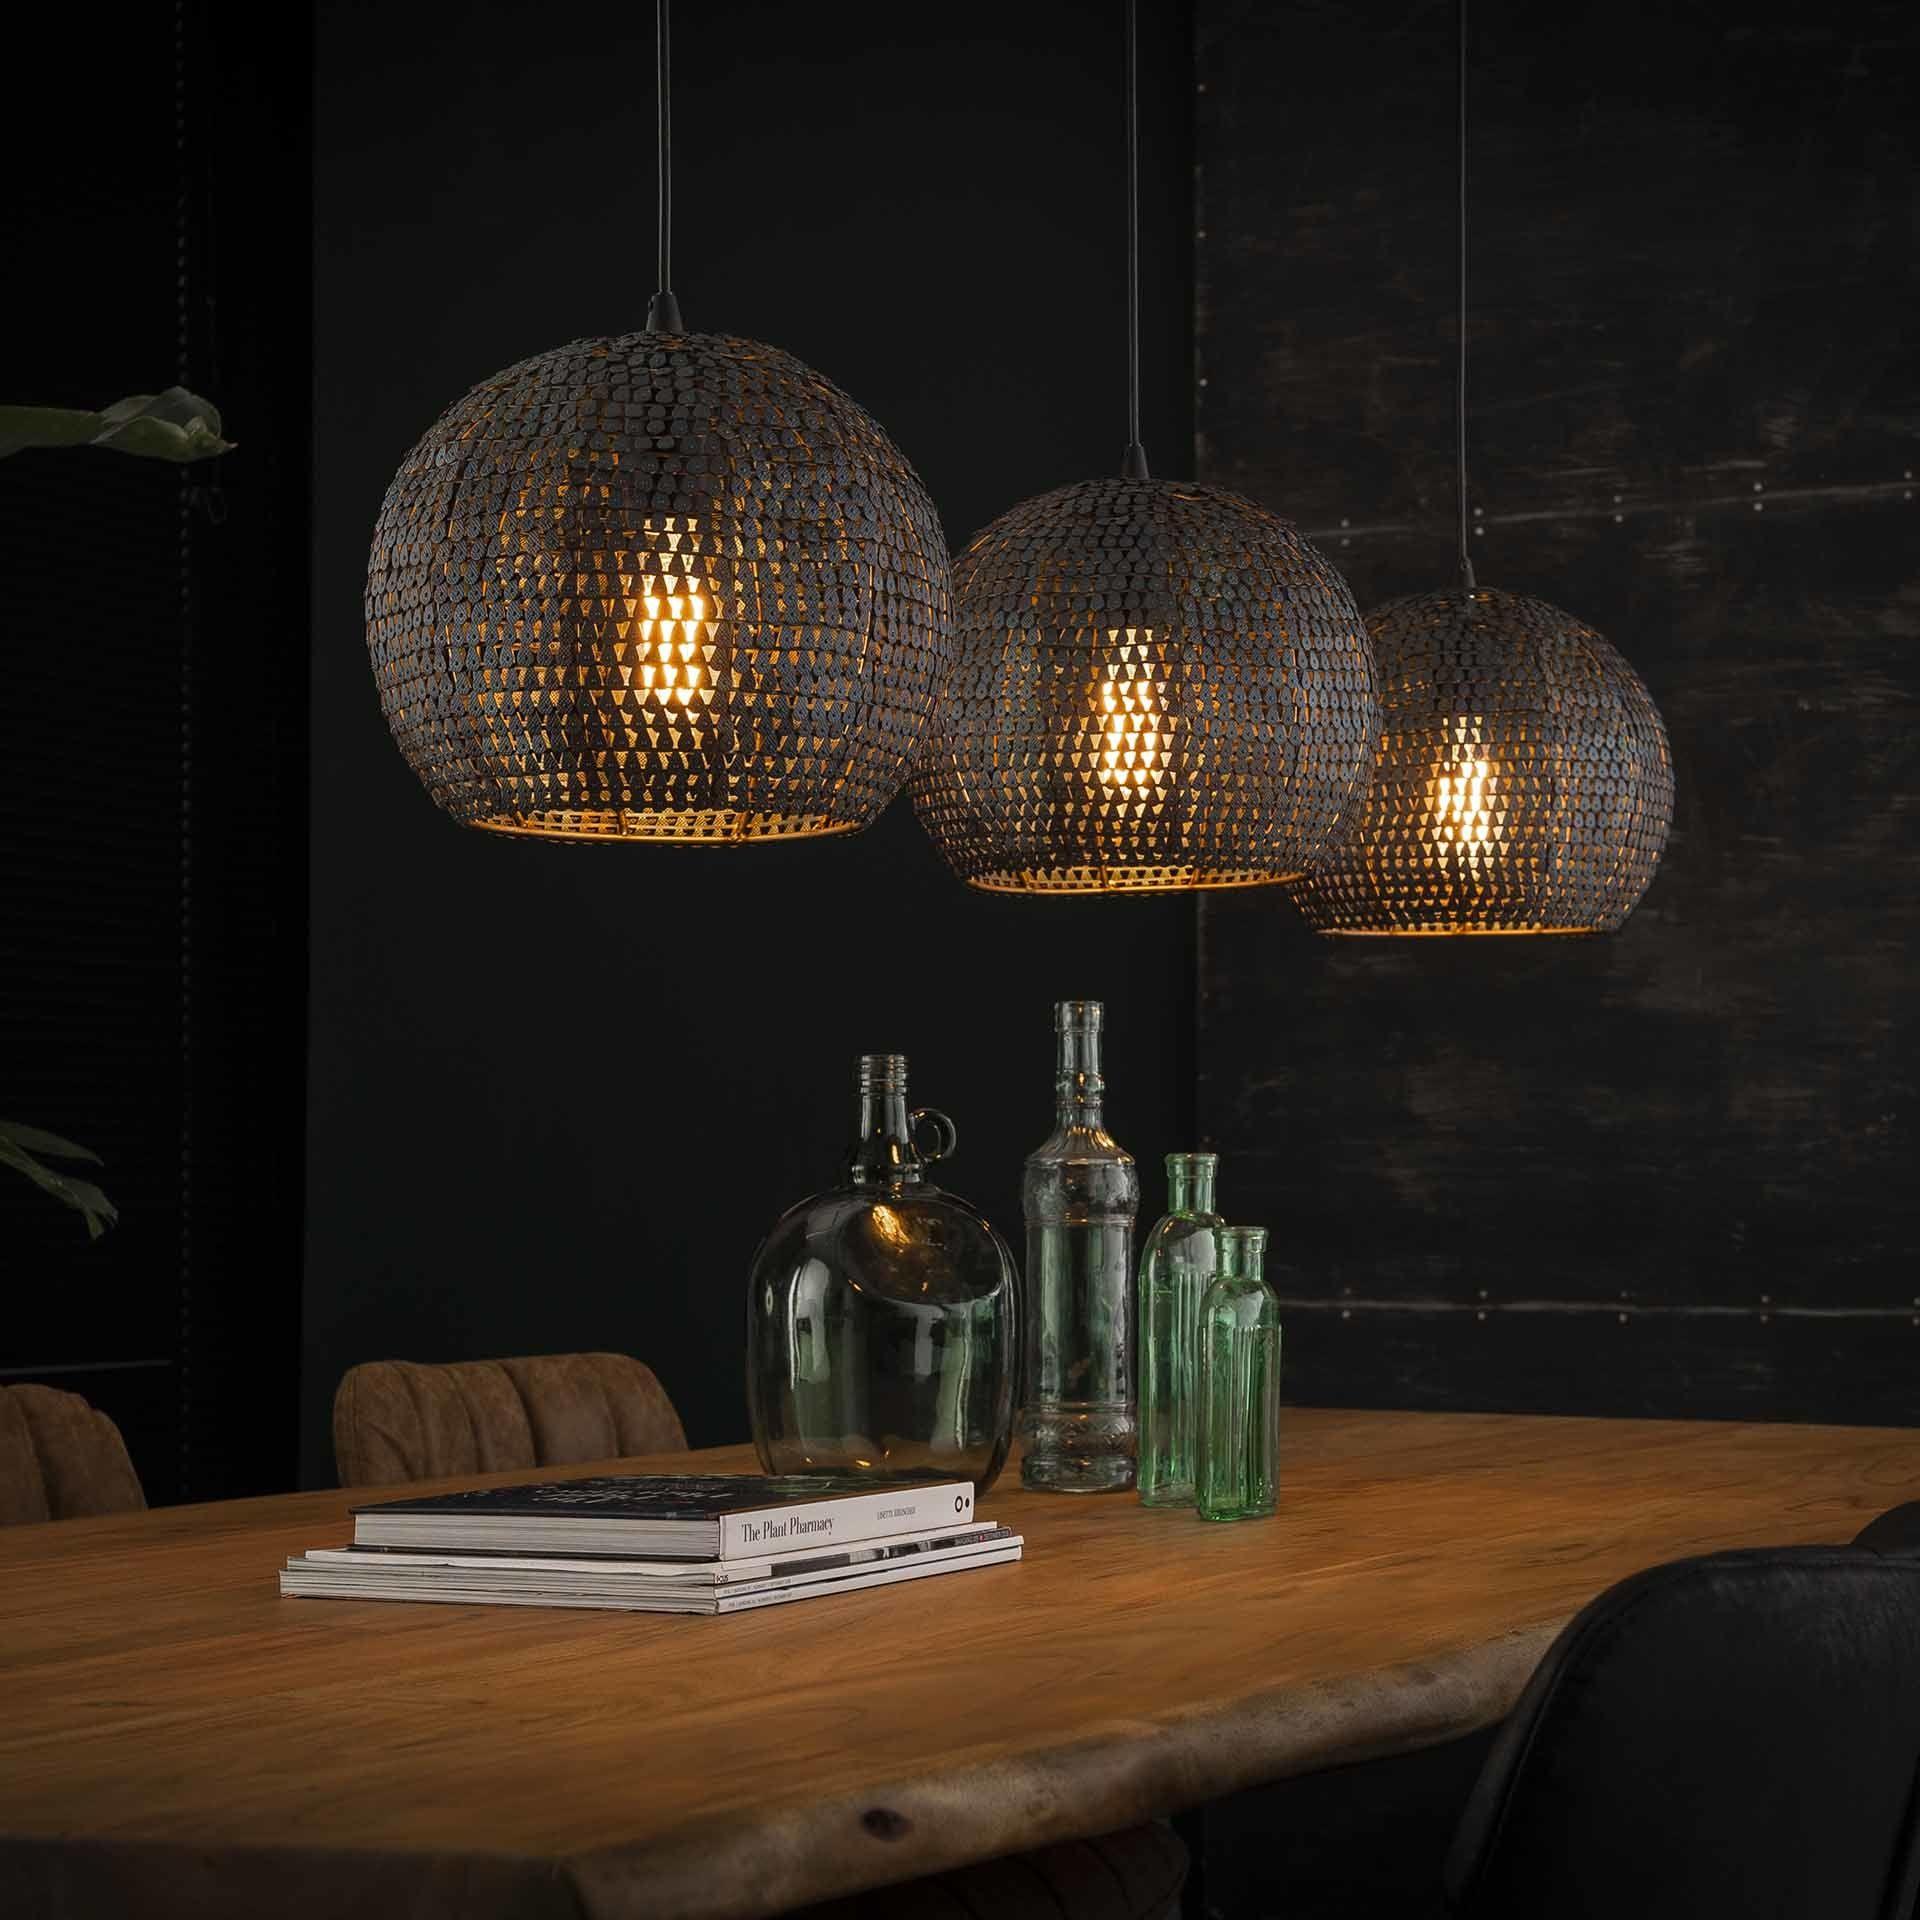 Industriele Hanglamp Meghan 3 Lichts Bruin Half Rond In 2020 Eettafel Verlichting Hanglamp Eetkamer Lamp Design